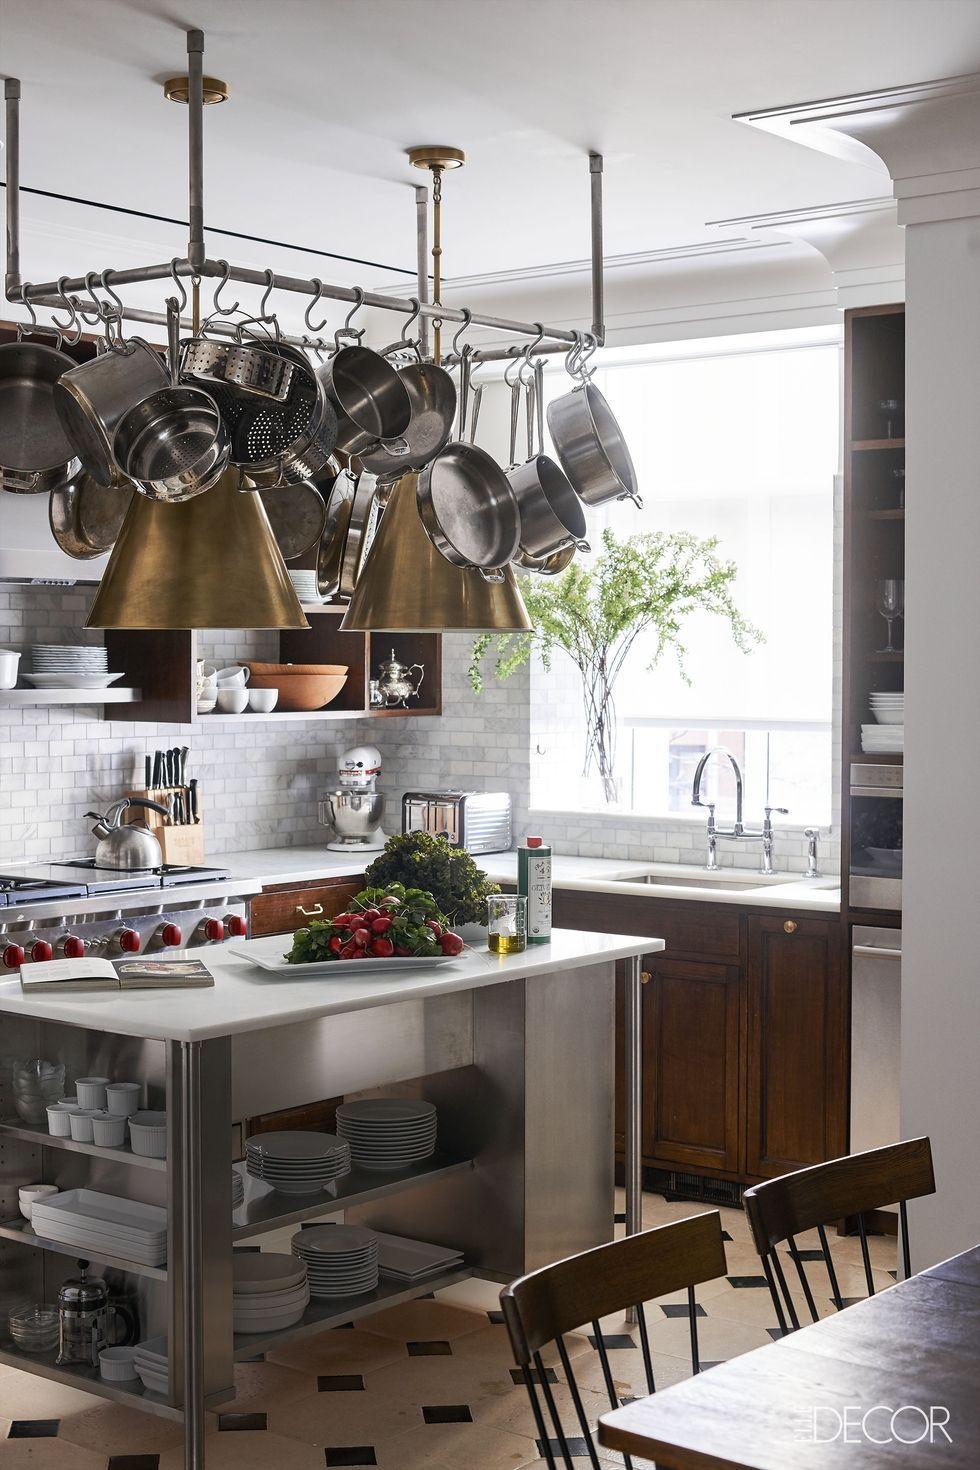 lighting ideas for kitchen 48 best kitchen lighting fixtures - chic ideas for kitchen lights VXVMKHO